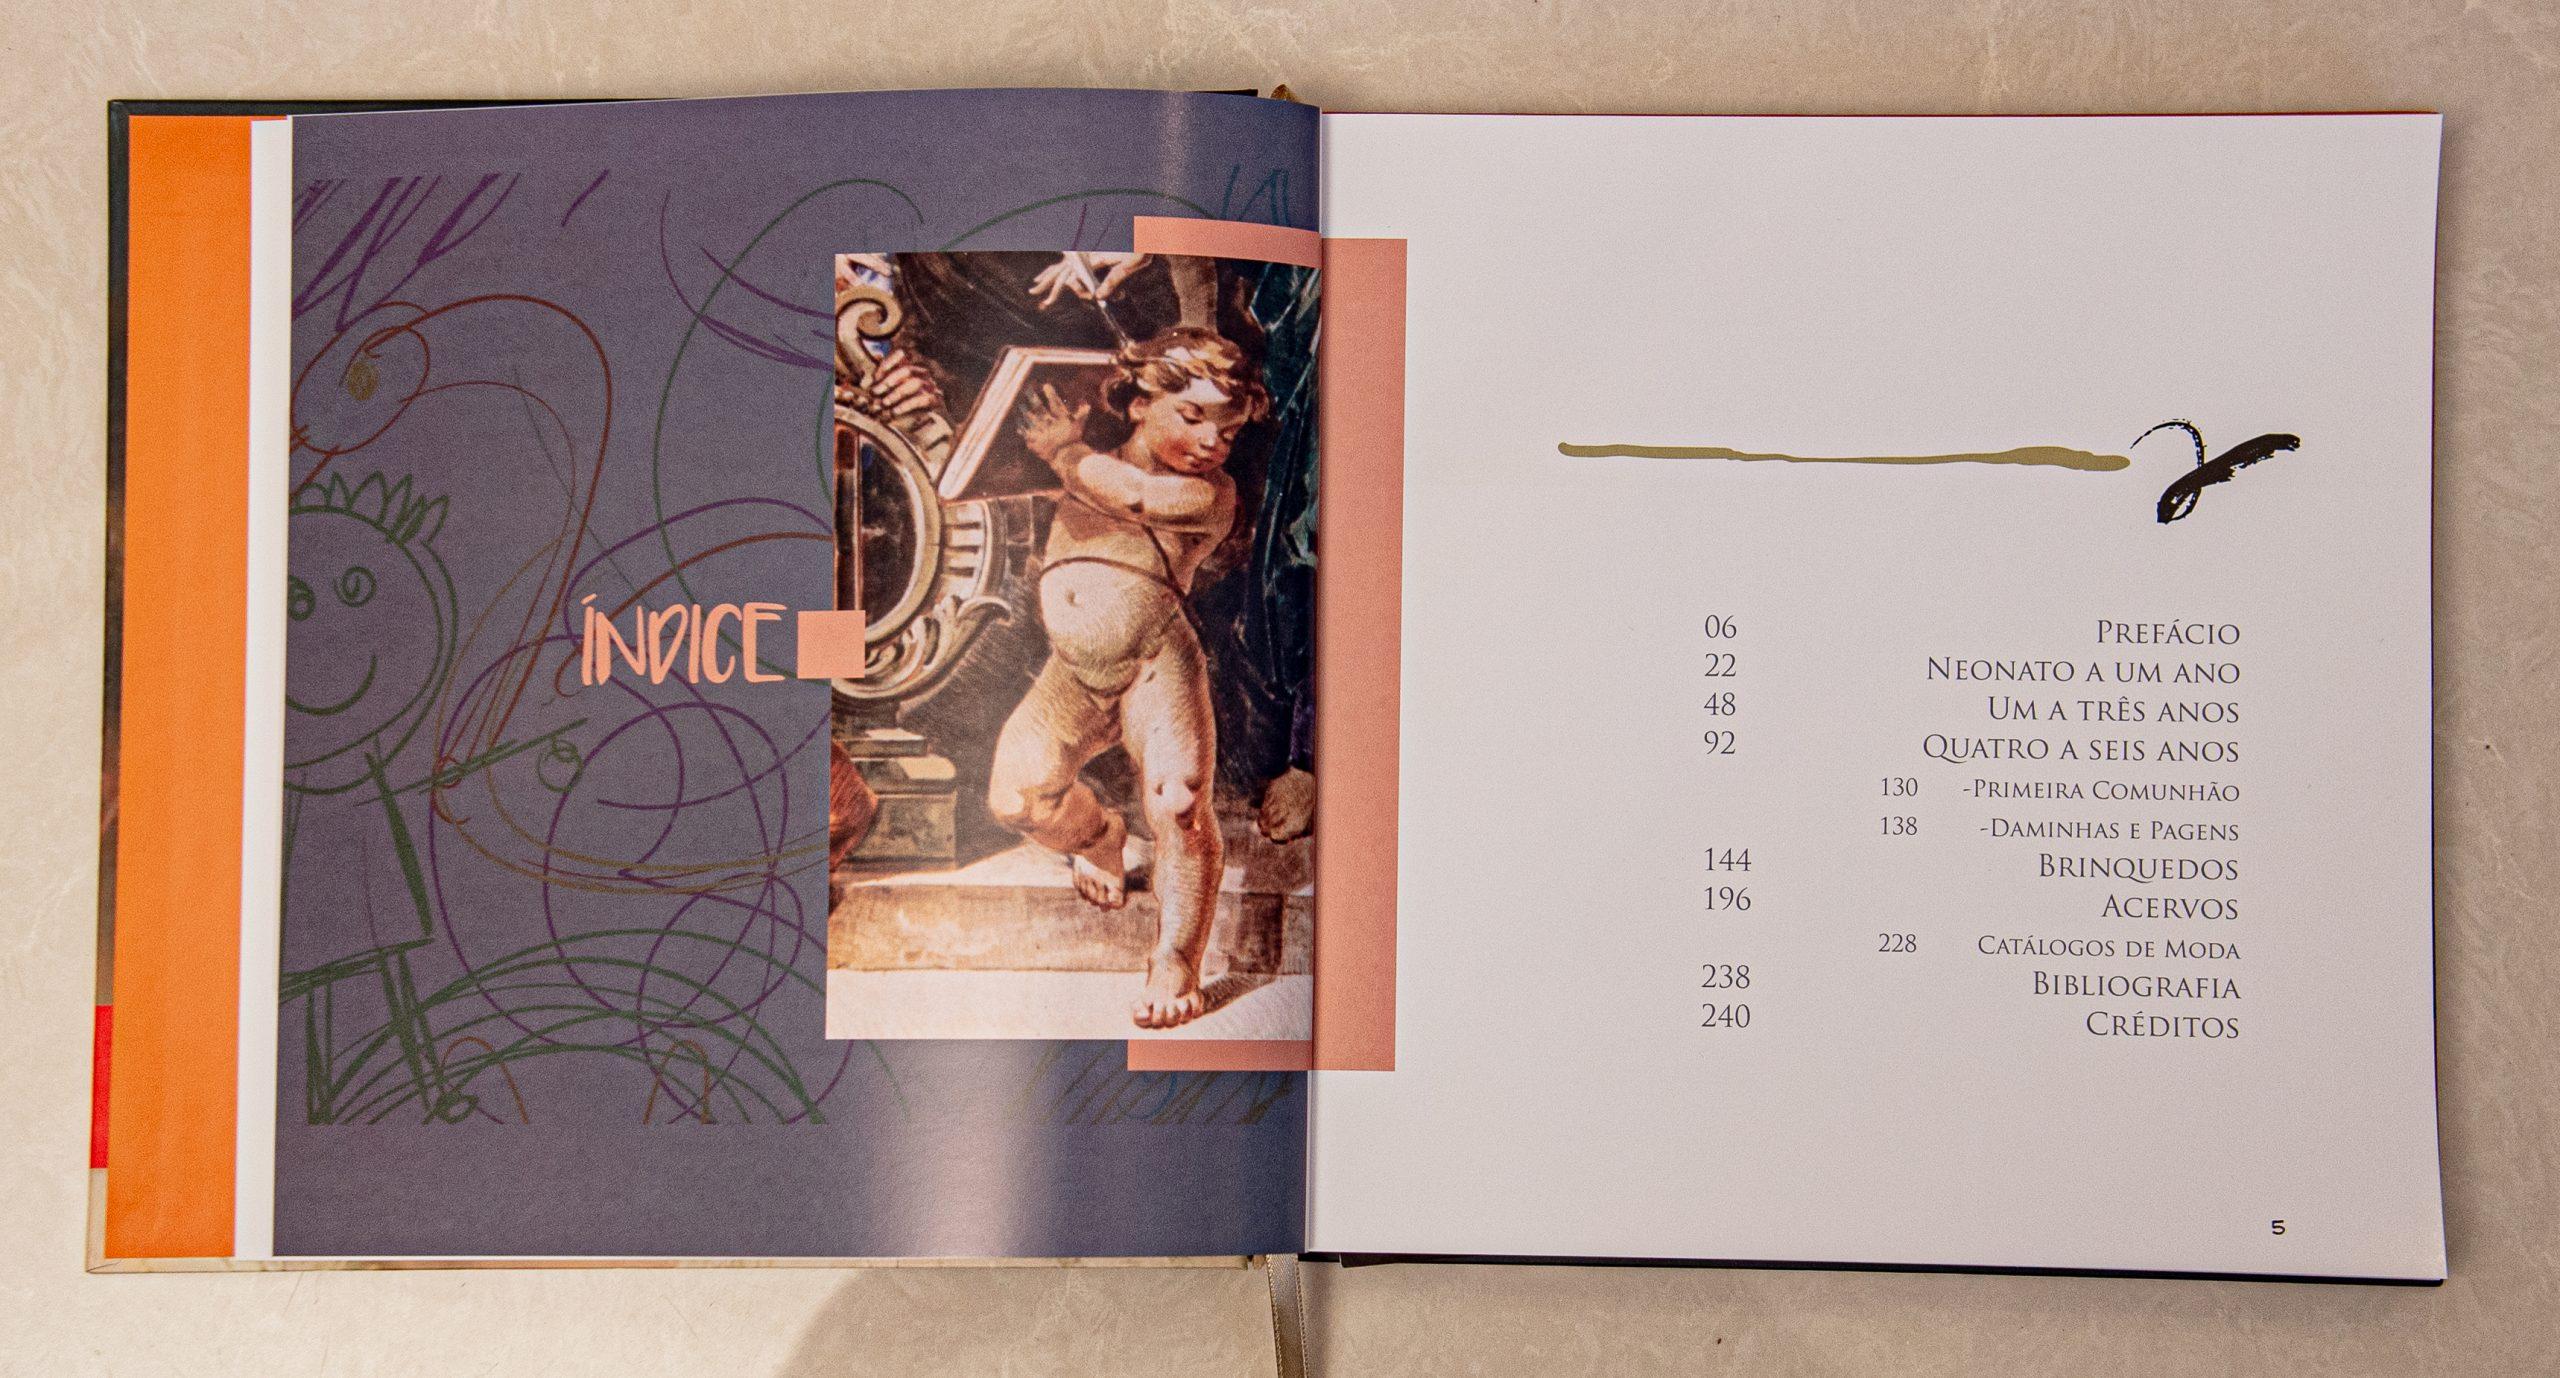 Vera Livros Fotos 2 265